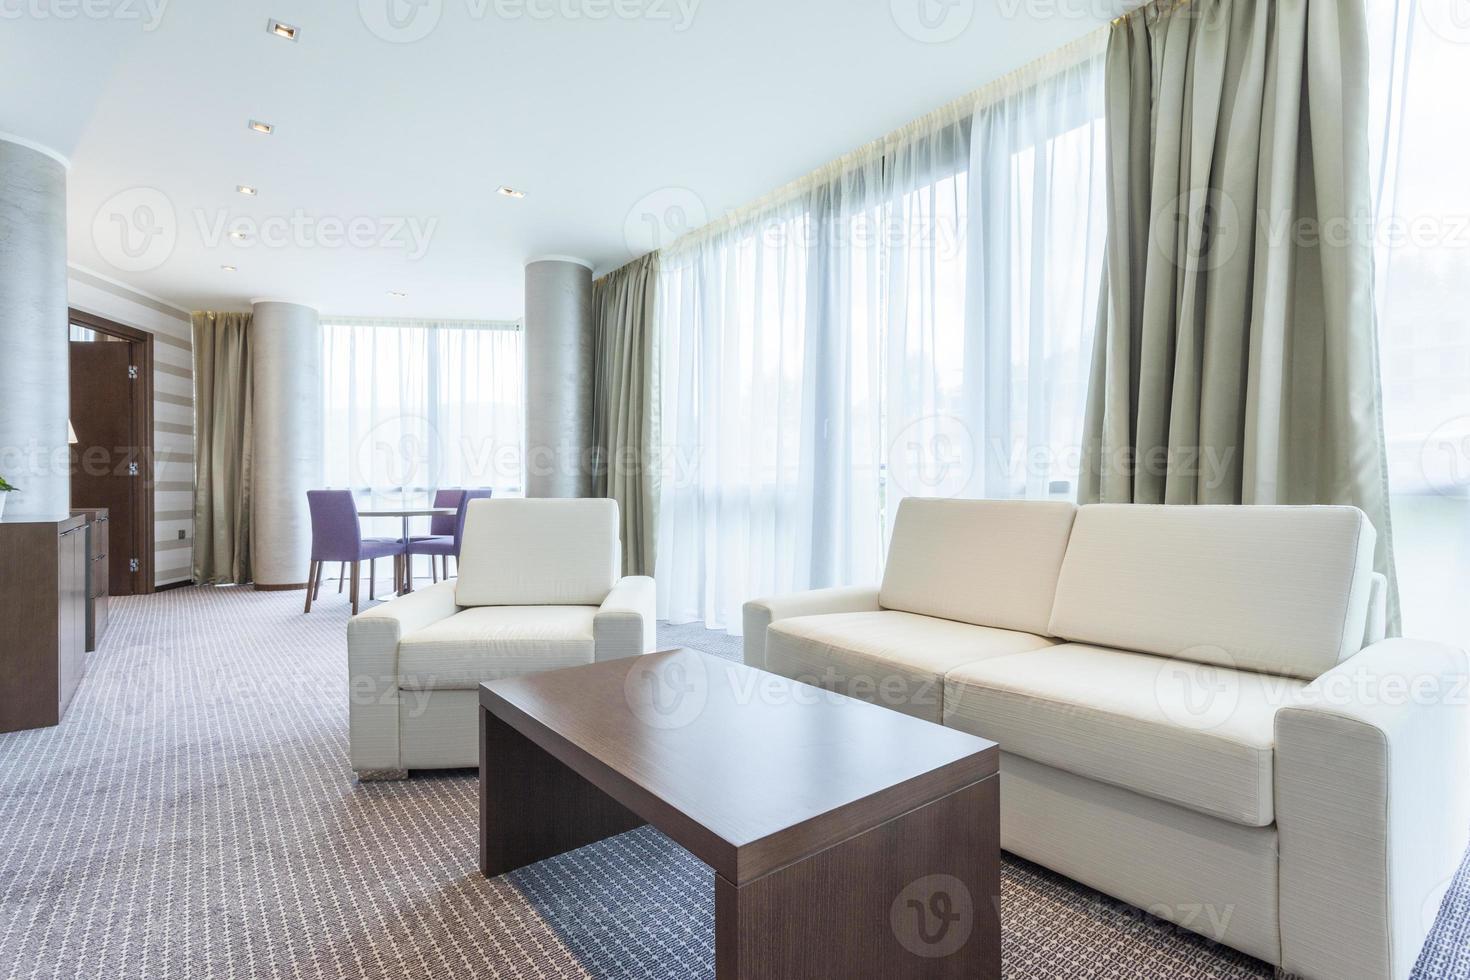 moderno y luminoso salón interior foto